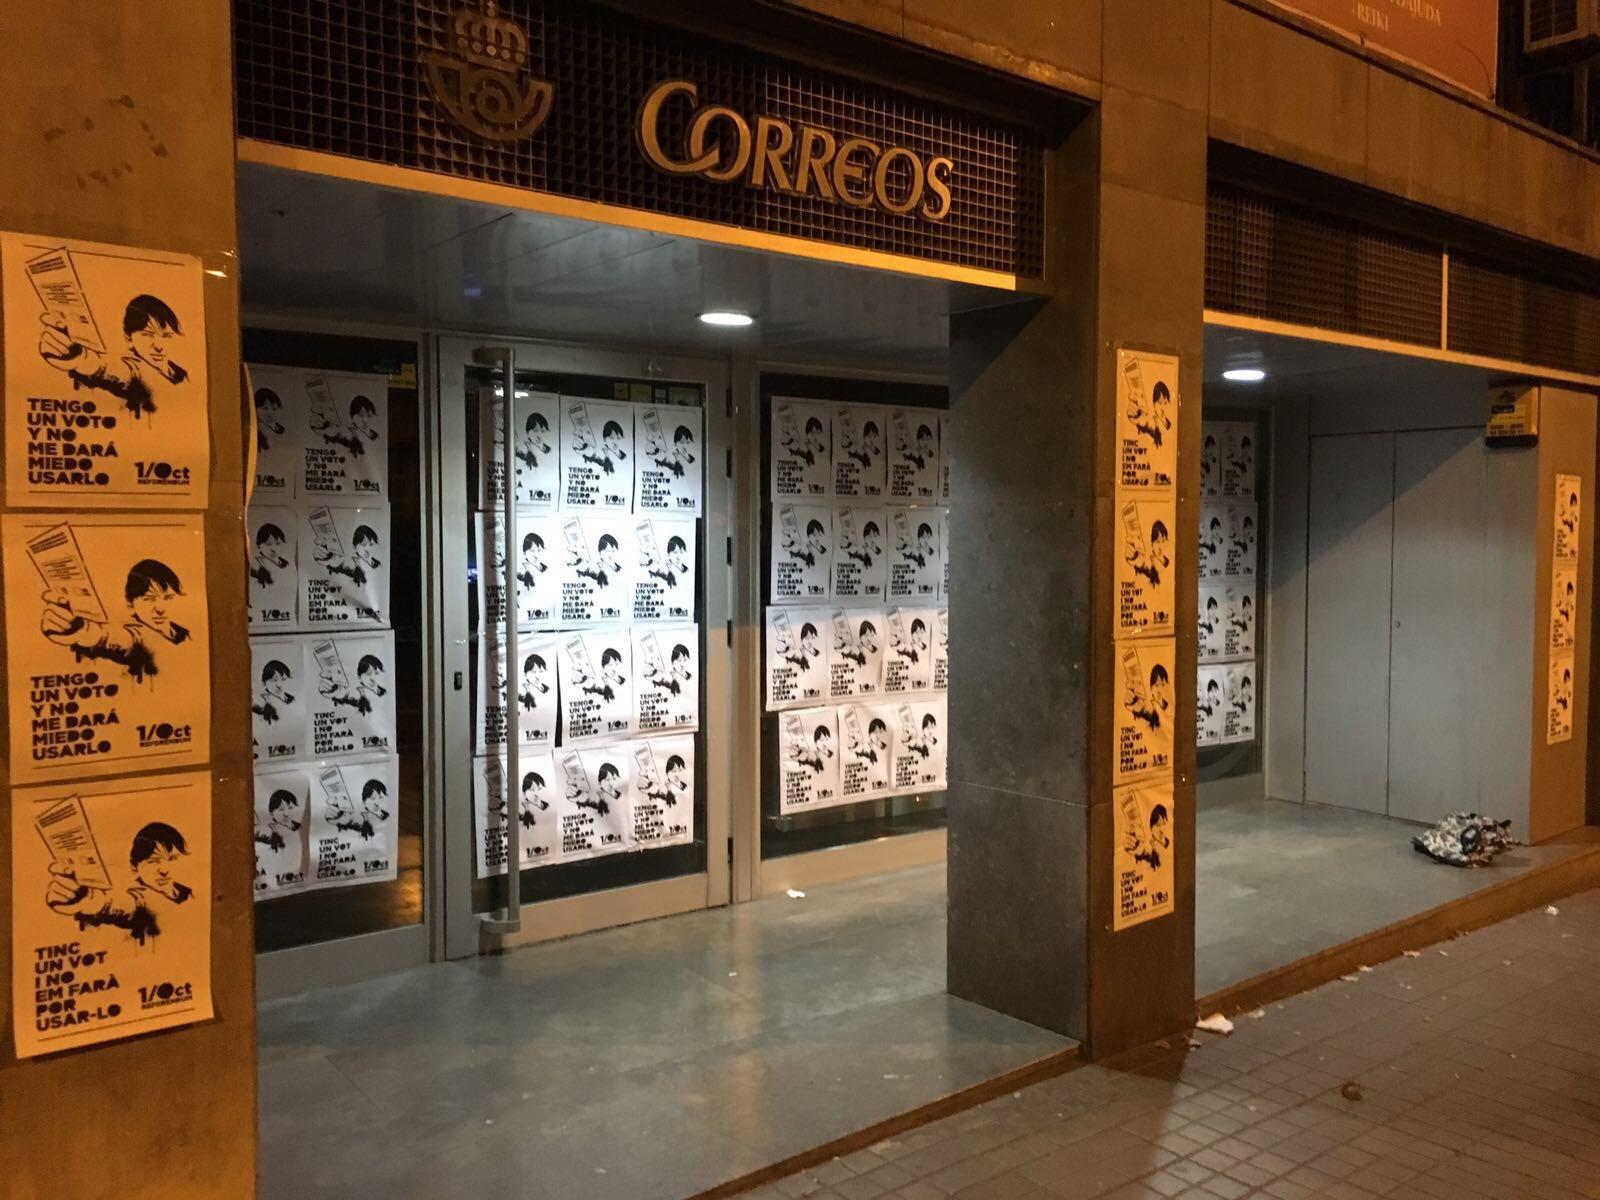 Moltes merc s vuelve a empapelar una oficina de correos for Oficina correos barcelona